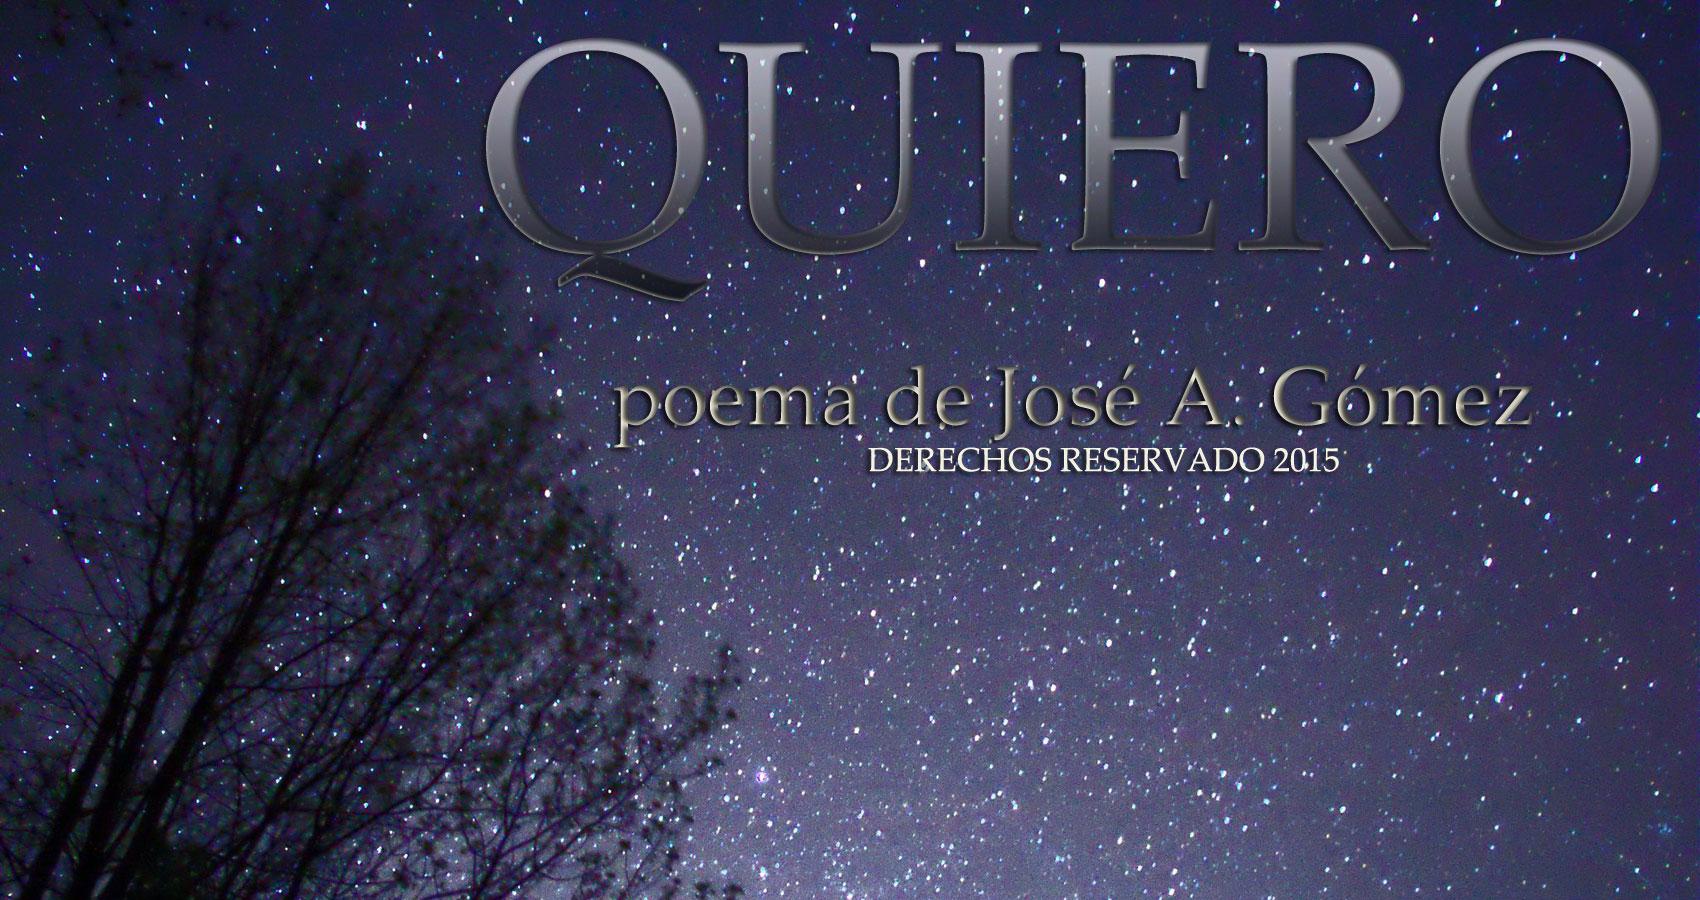 Quiero by José A. Gómez at Spillwords.com